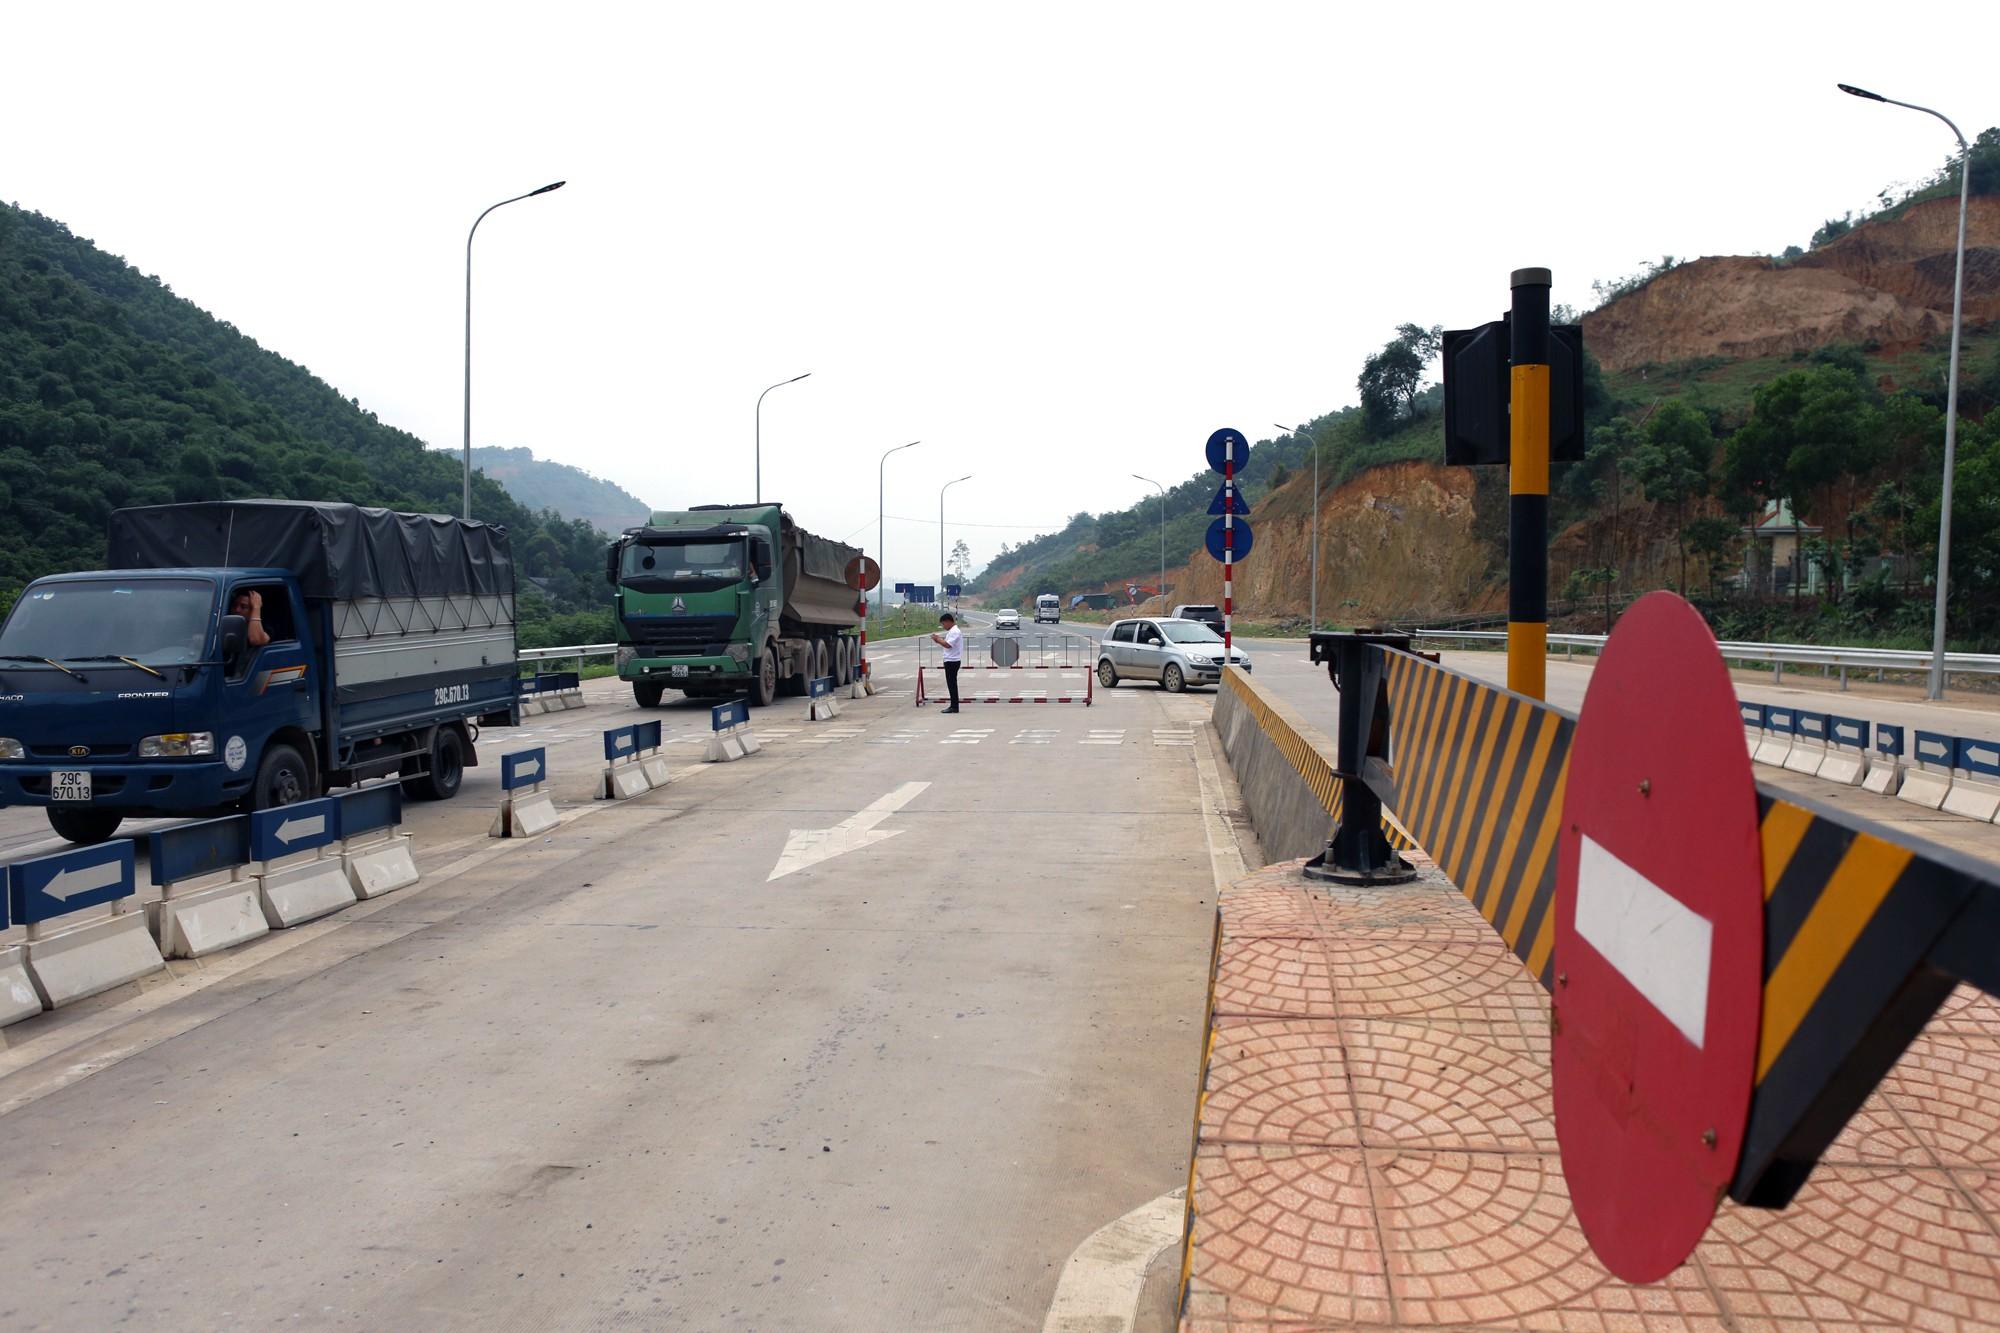 Lãnh đạo trạm BOT Hòa Lạc - Hòa Bình bỏ 17.500 đồng tiền túi mua vé hộ chủ xe con - Ảnh 7.